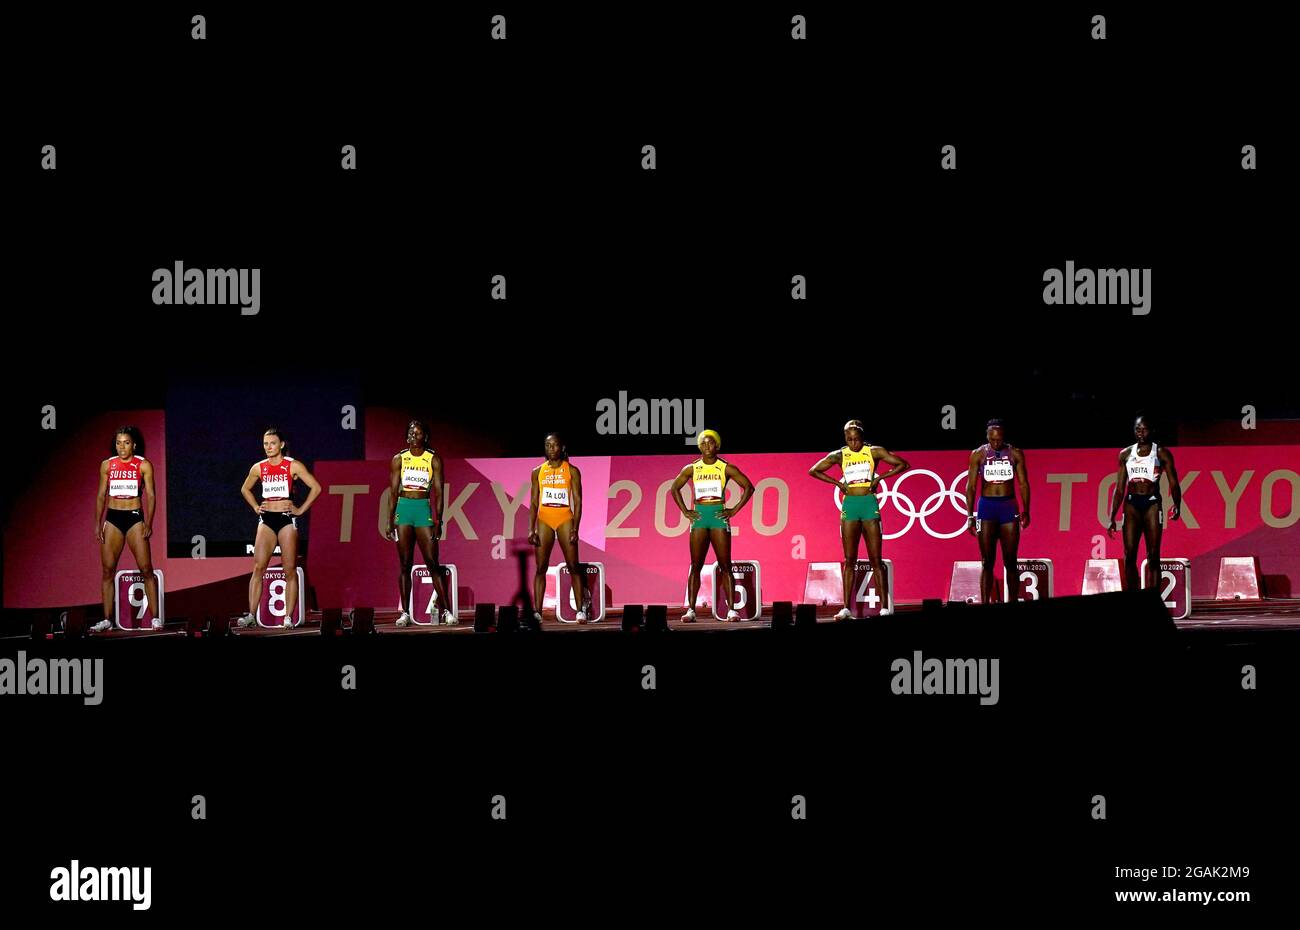 Am achten Tag der Olympischen Spiele in Tokio 2020 in Japan stehen die Teilnehmer vor dem 100-Meter-Finale der Frauen im Olympiastadion an. Bilddatum: Samstag, 31. Juli 2021. Stockfoto